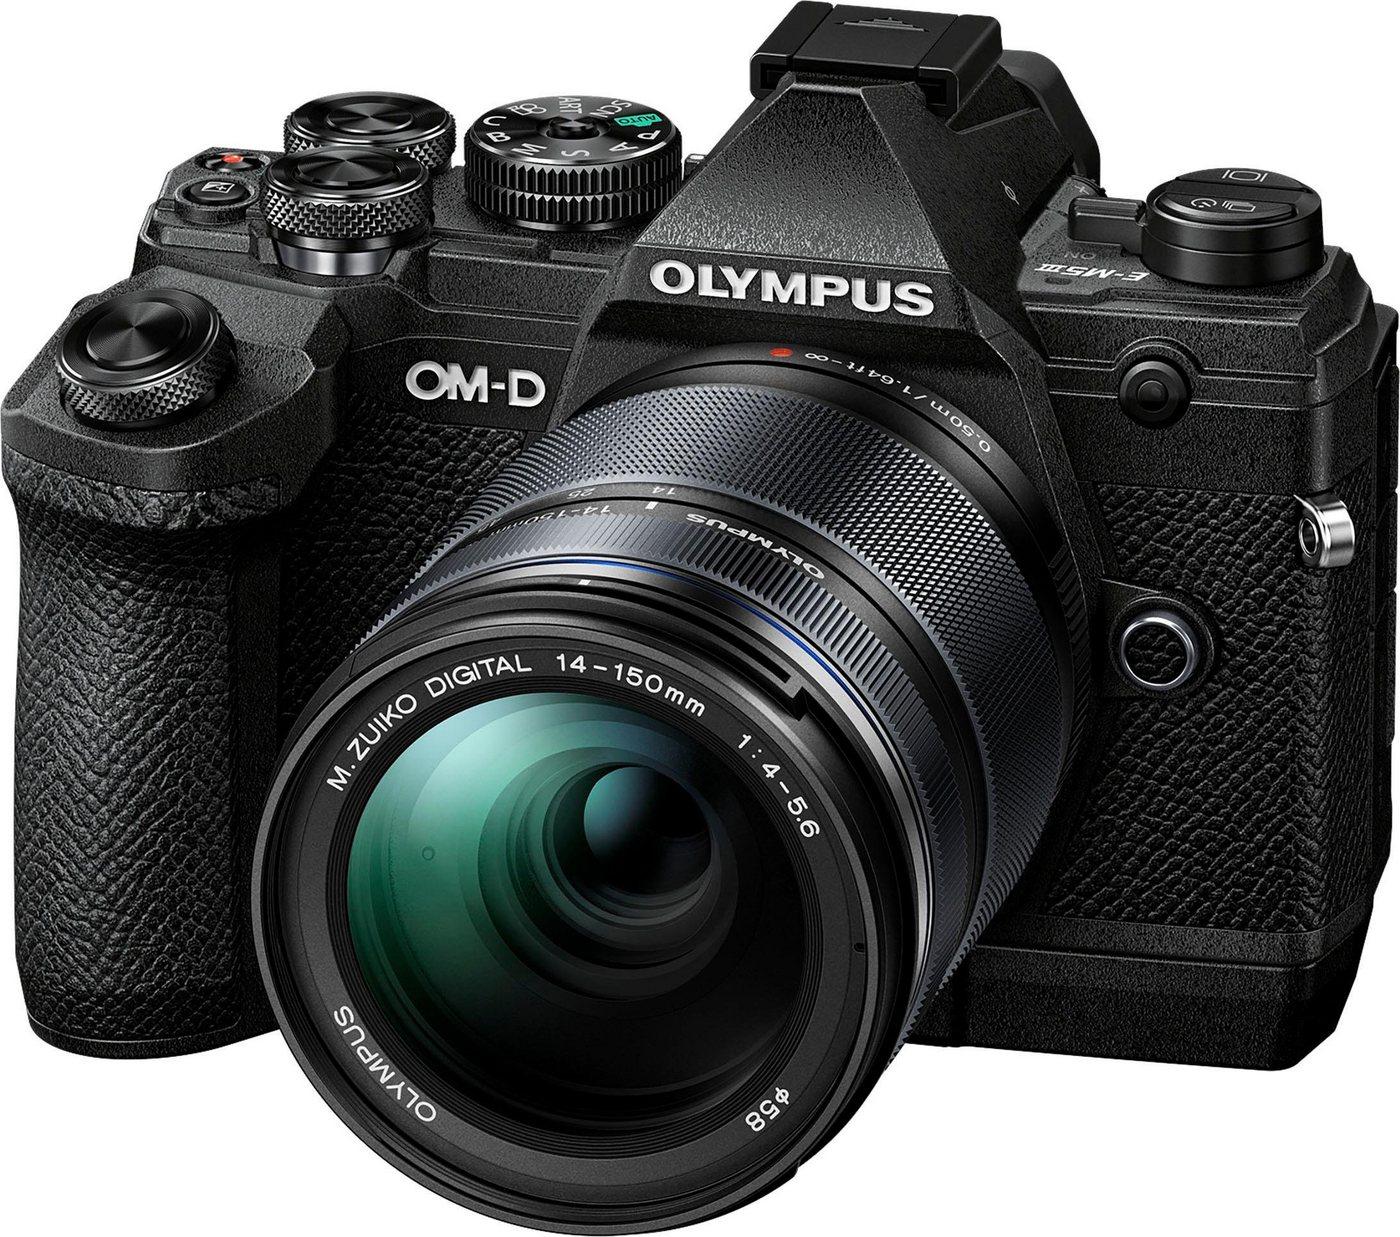 Systemkameras - Olympus »E M5 III inkl. 14 150mm Objektiv« Systemkamera (M.Zuiko Digital ED 40 150mm F 4 5.6, 20,4 MP, Bluetooth, NFC)  - Onlineshop OTTO